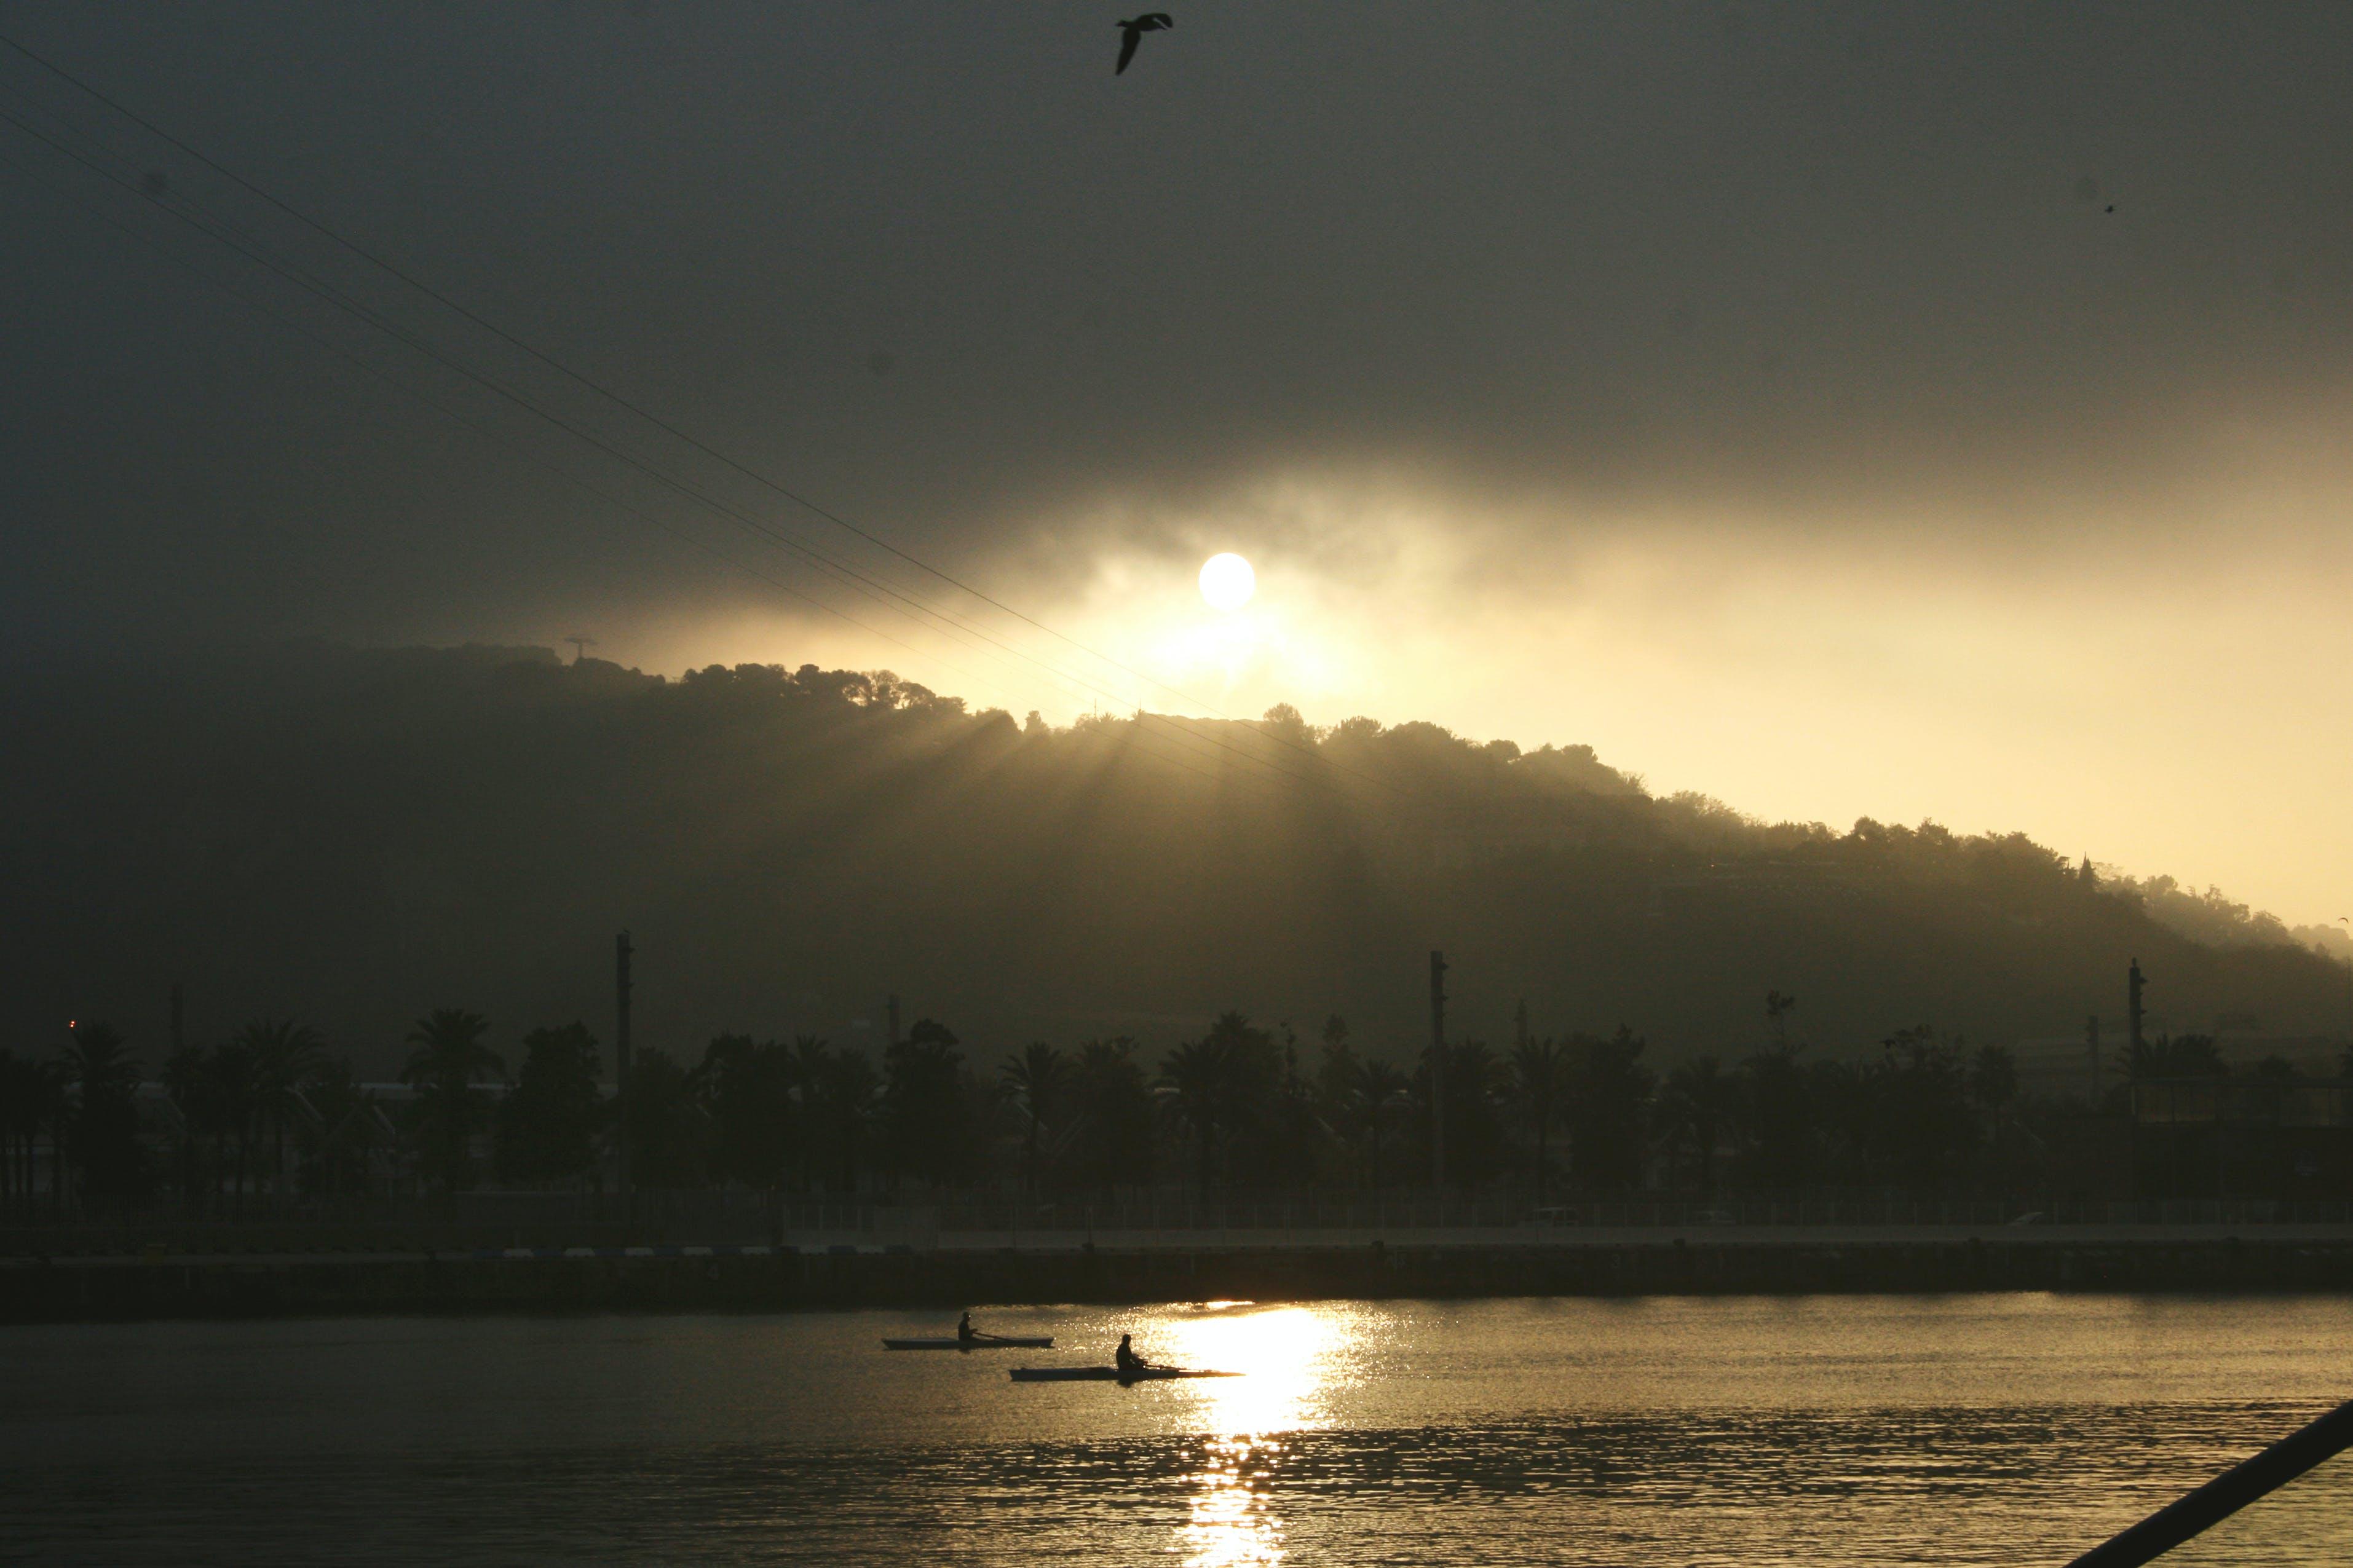 clouds, dawn, landscape